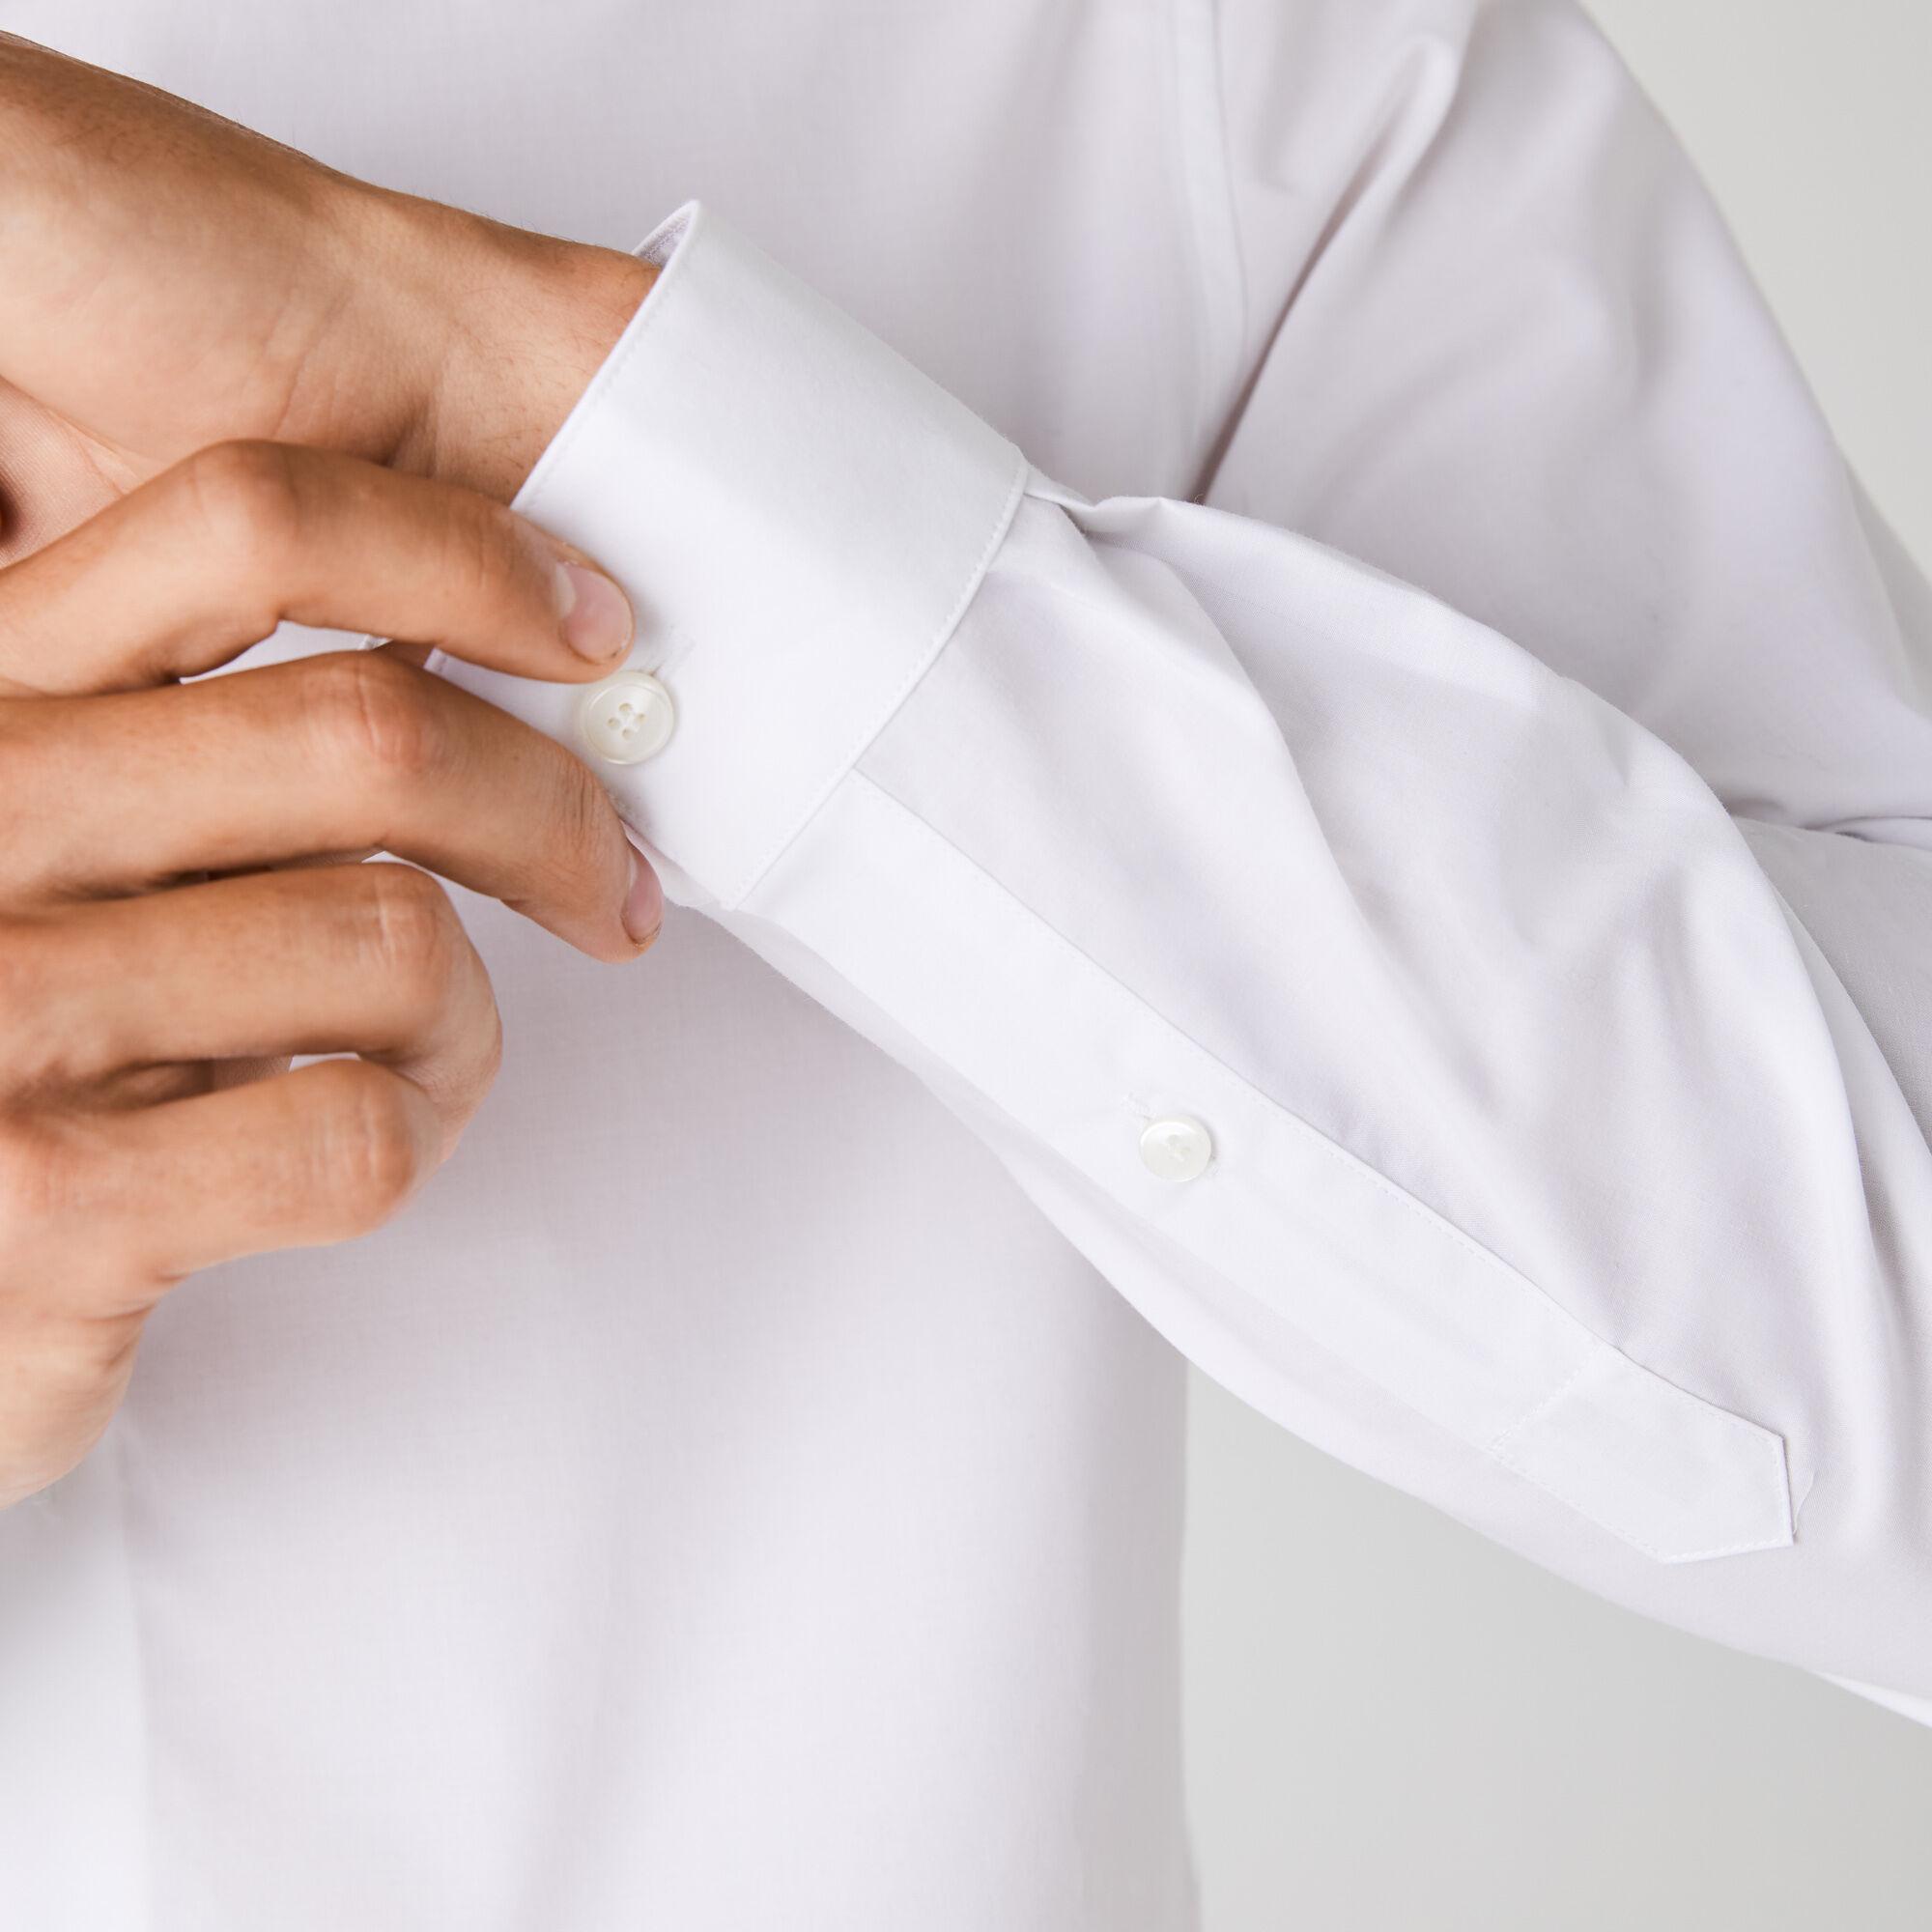 قميص من قطن بوبلين المرن بقصة ضيقة للرجال